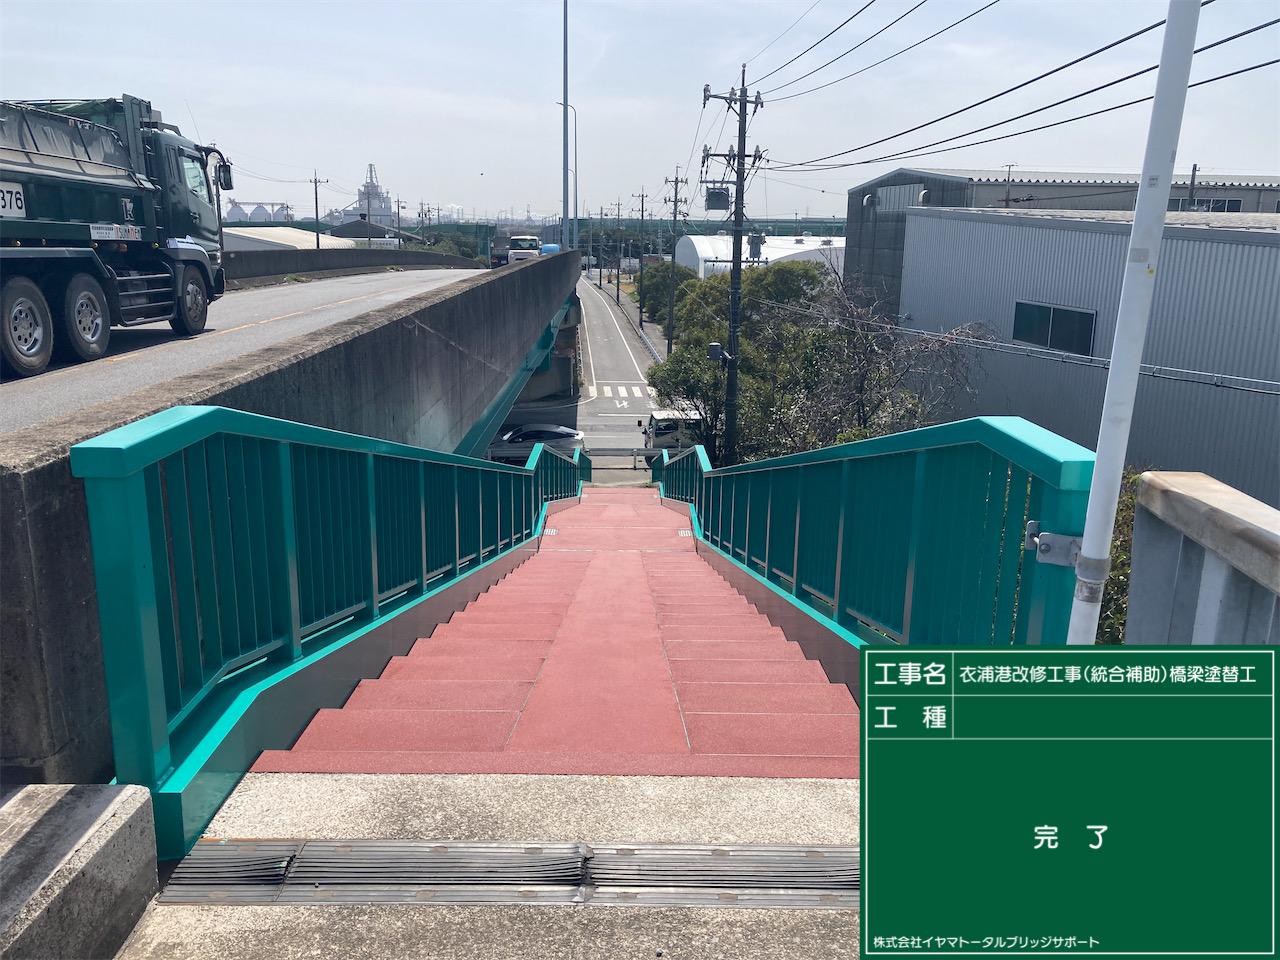 衣浦港改修工事(統合補助)橋梁塗替工